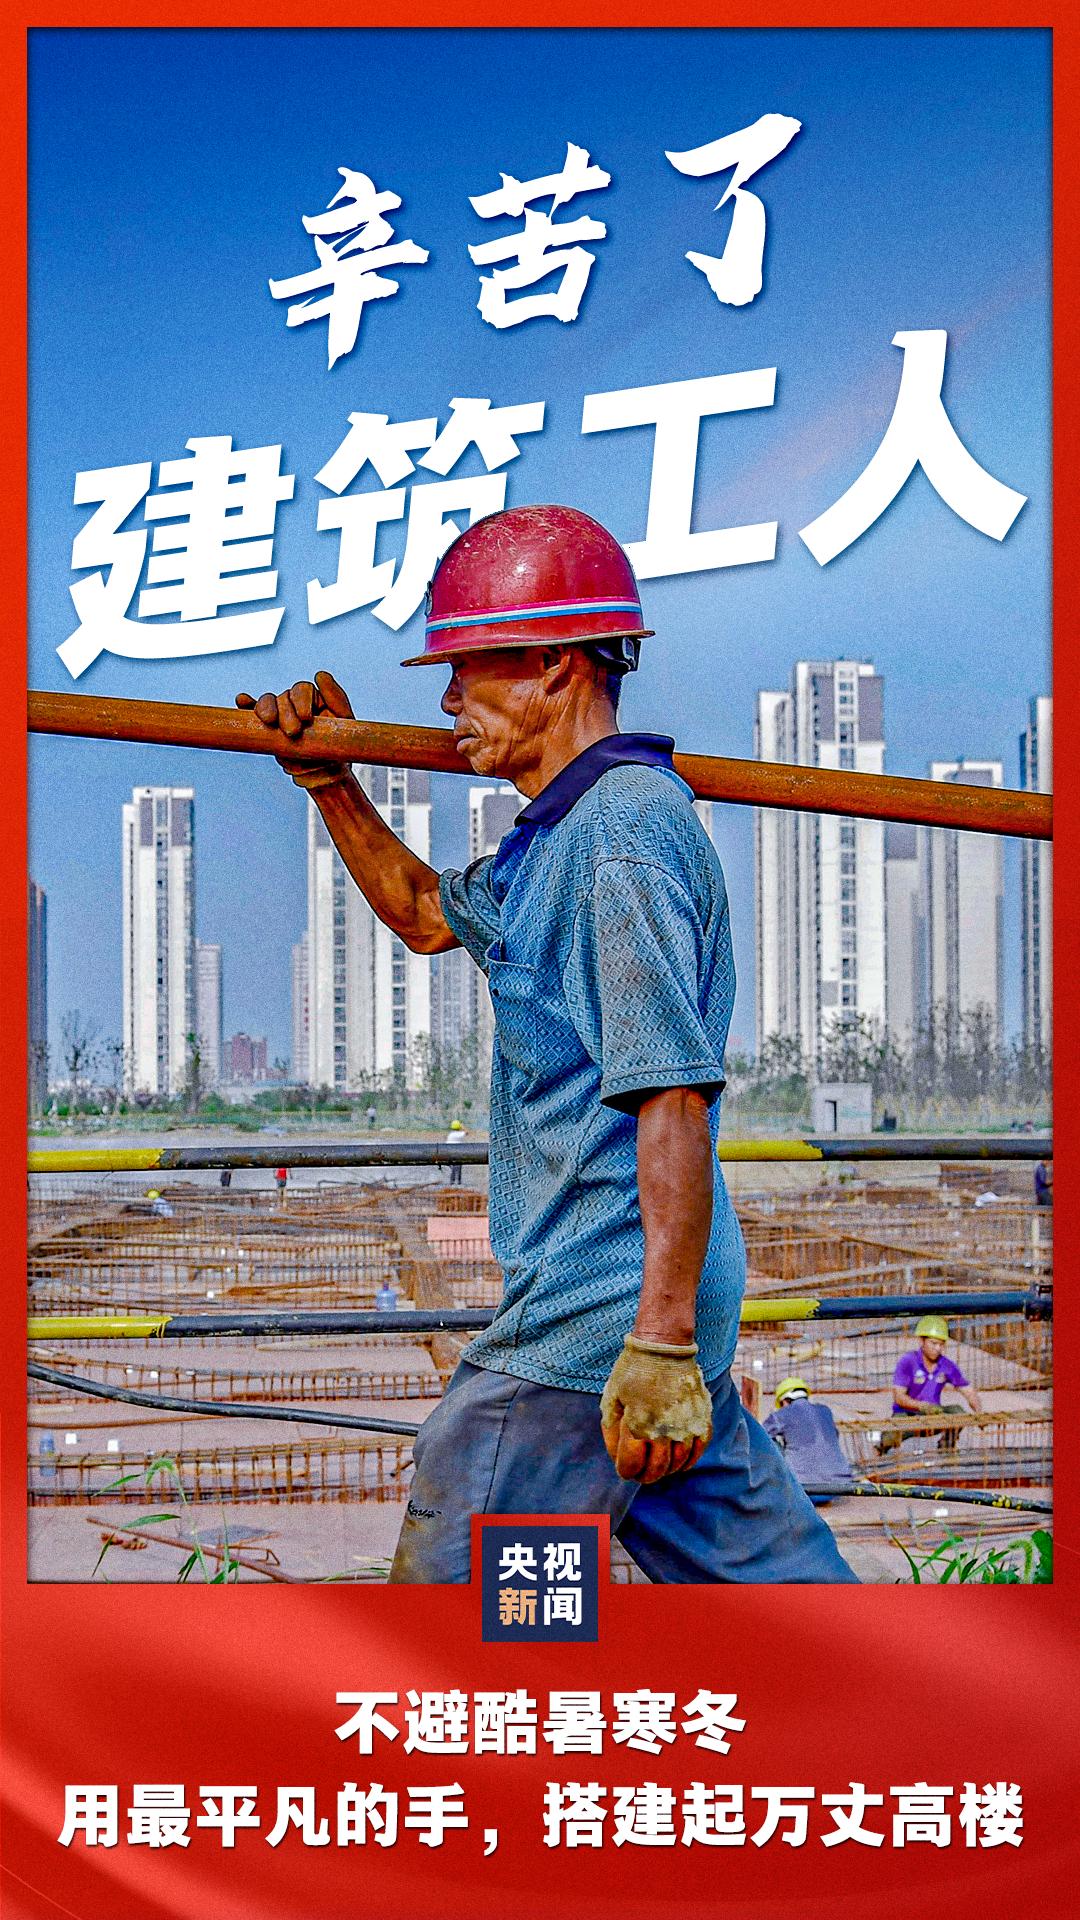 【五一劳动节】辛苦了!